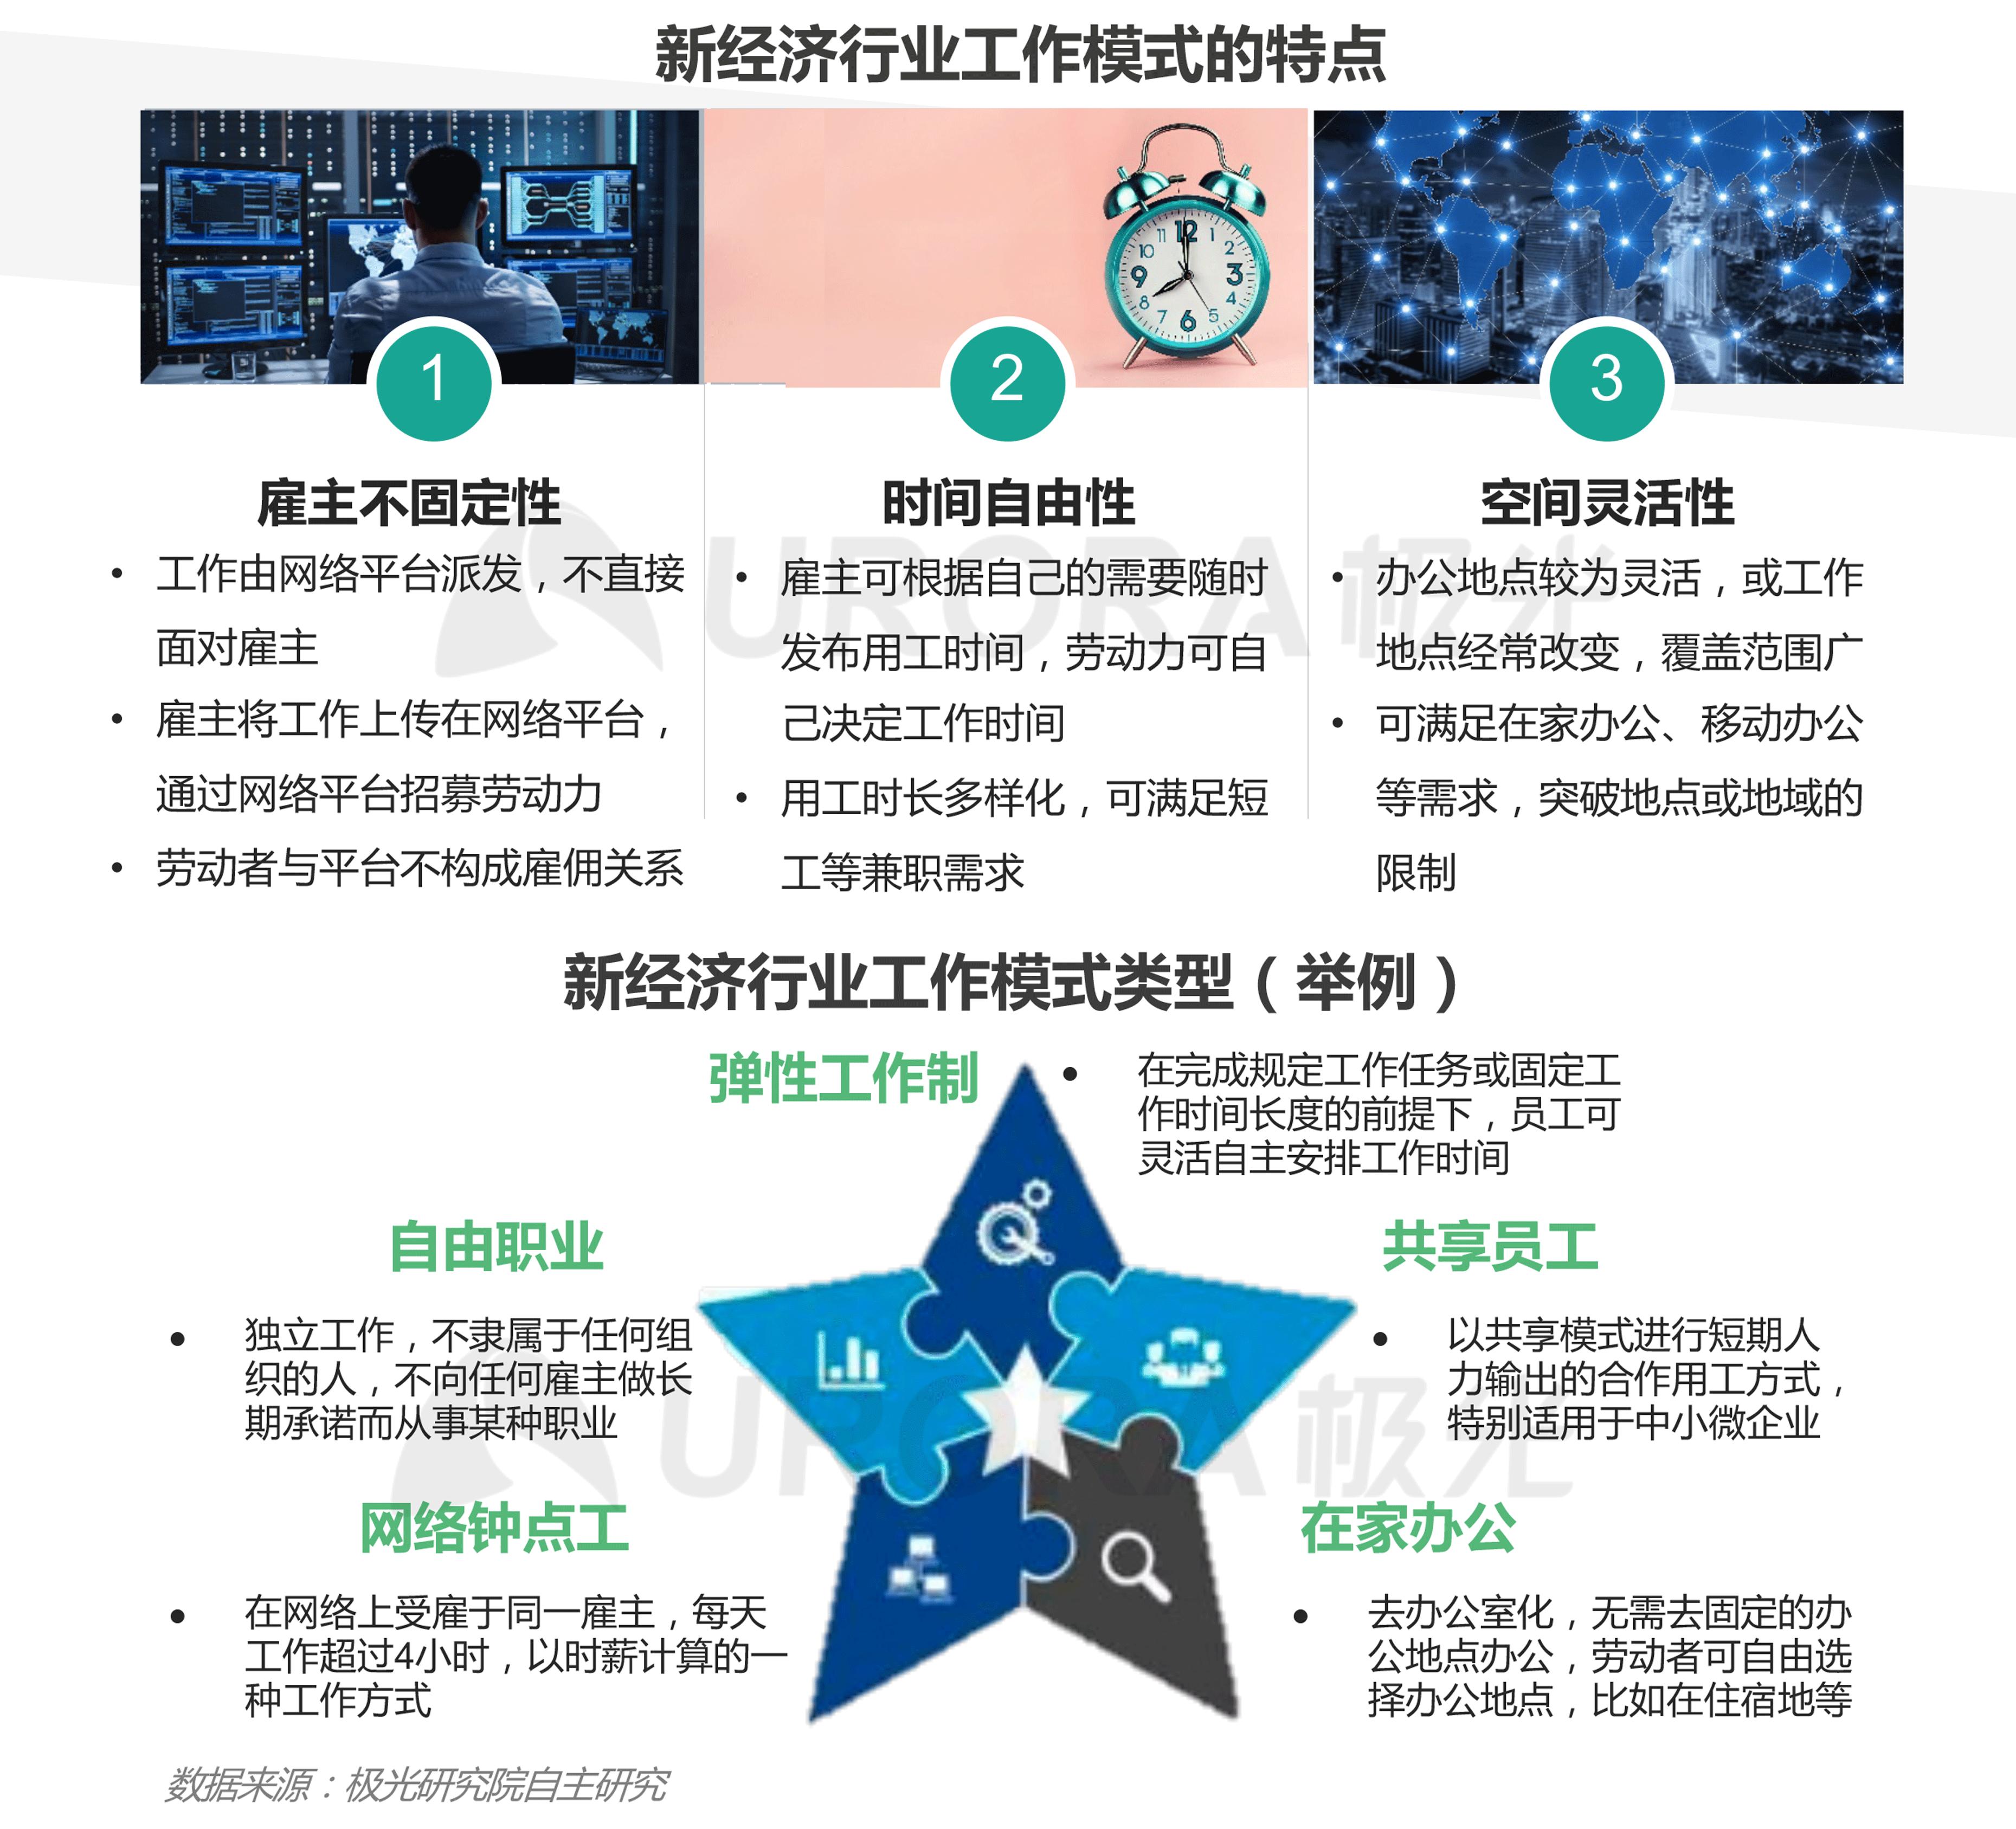 """极光:""""超职季""""招聘行业报告-招聘行业篇png (5).png"""